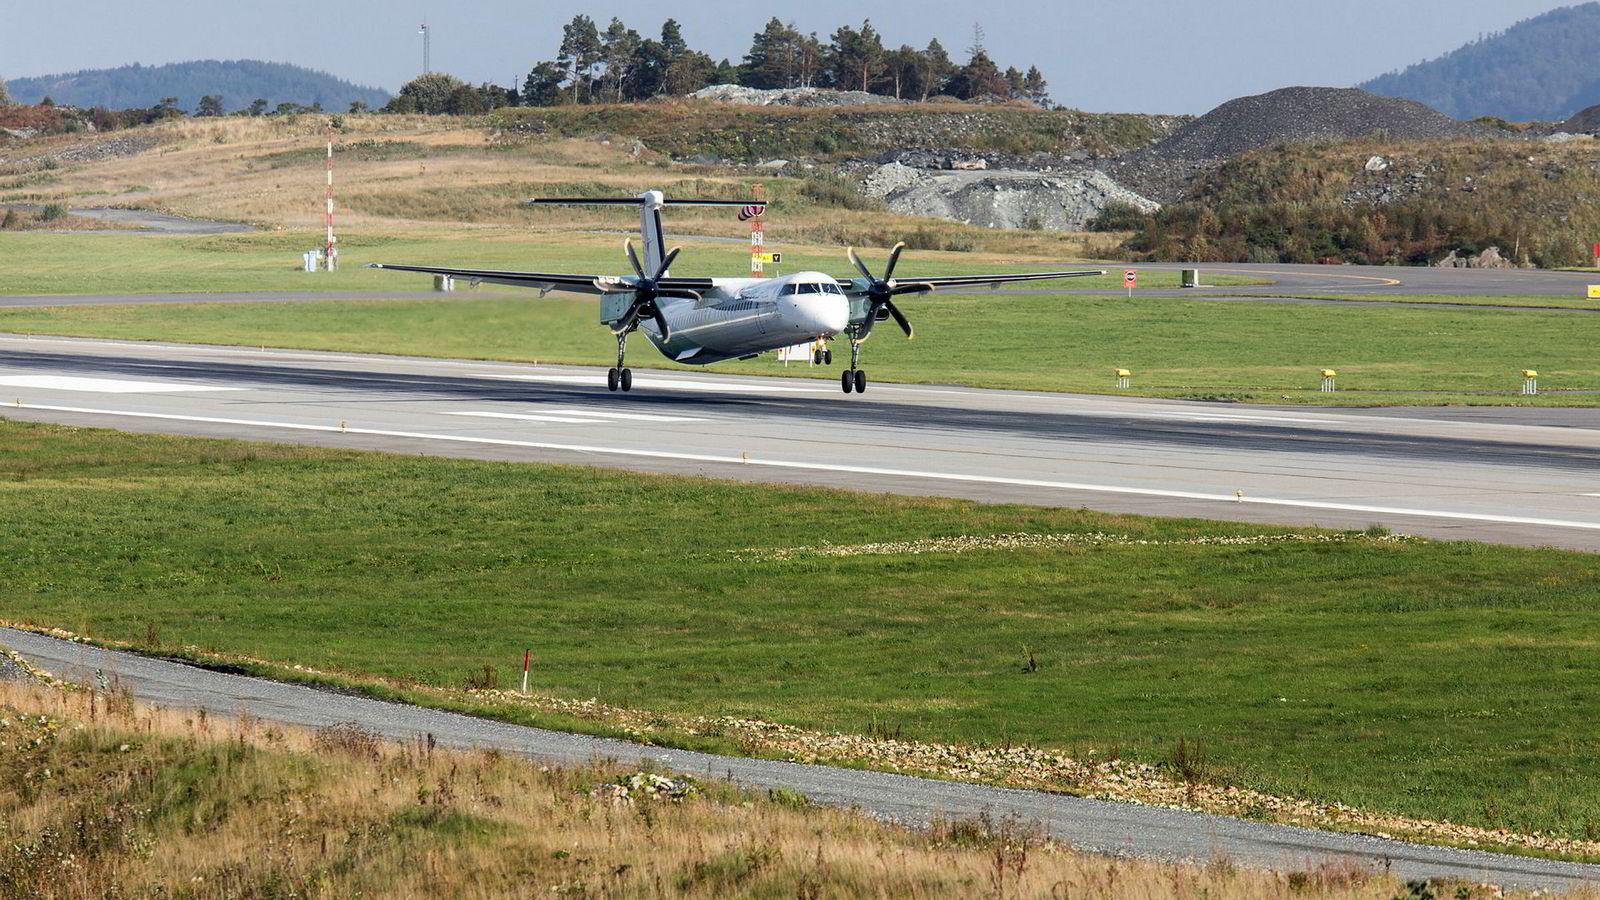 Den nordre delen av rullebanen på Flesland er et av områdene advokatene til Avinor og Forsvaret har forhandlet om. Her går et Widerøe-fly inn for landing.